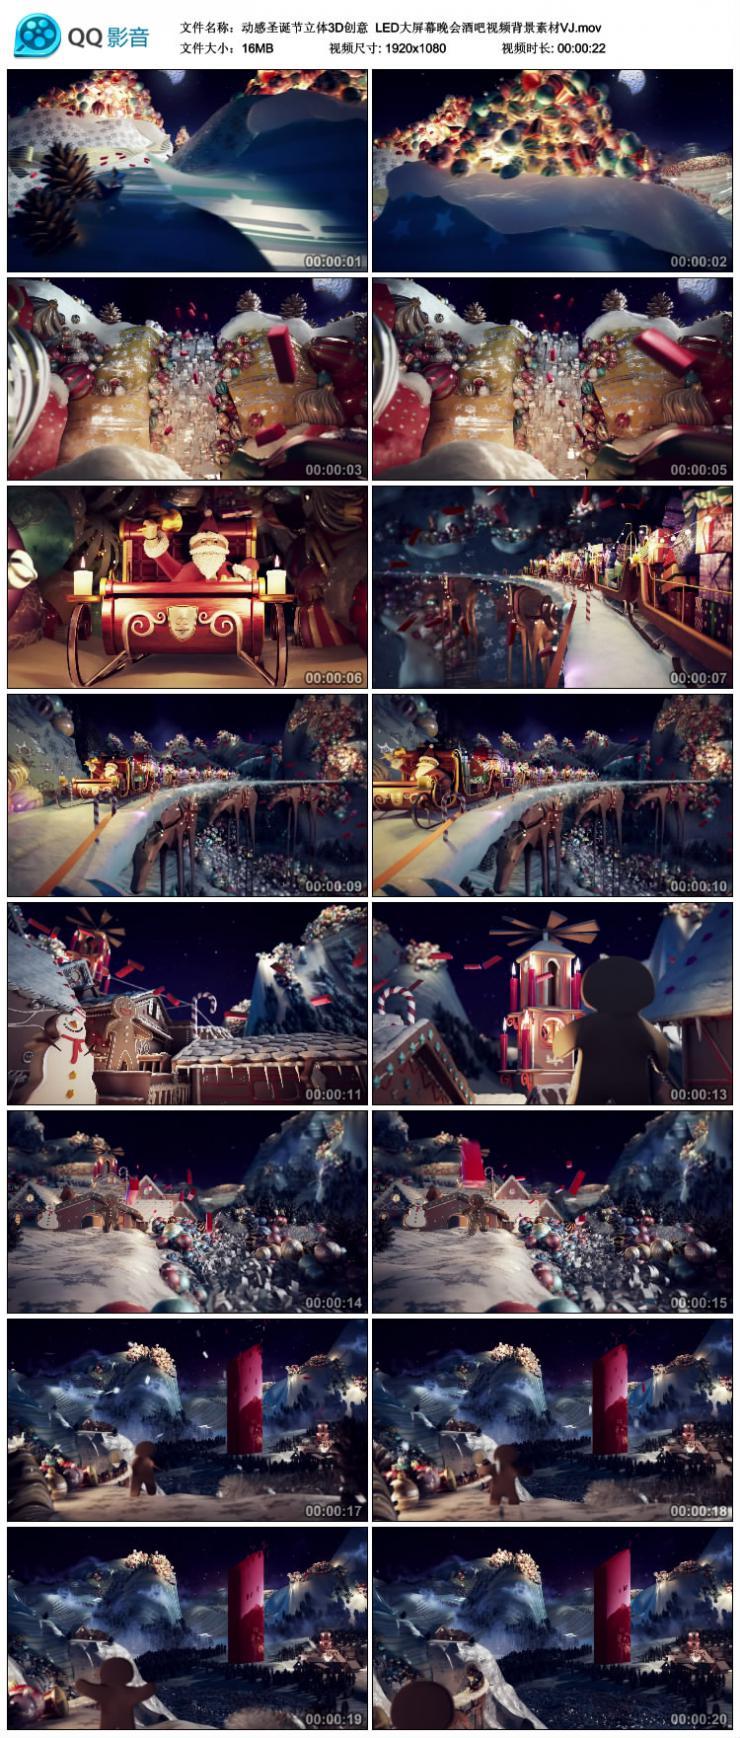 动感圣诞节立体3D创意 LED大屏幕晚会酒吧视频背景素材VJ